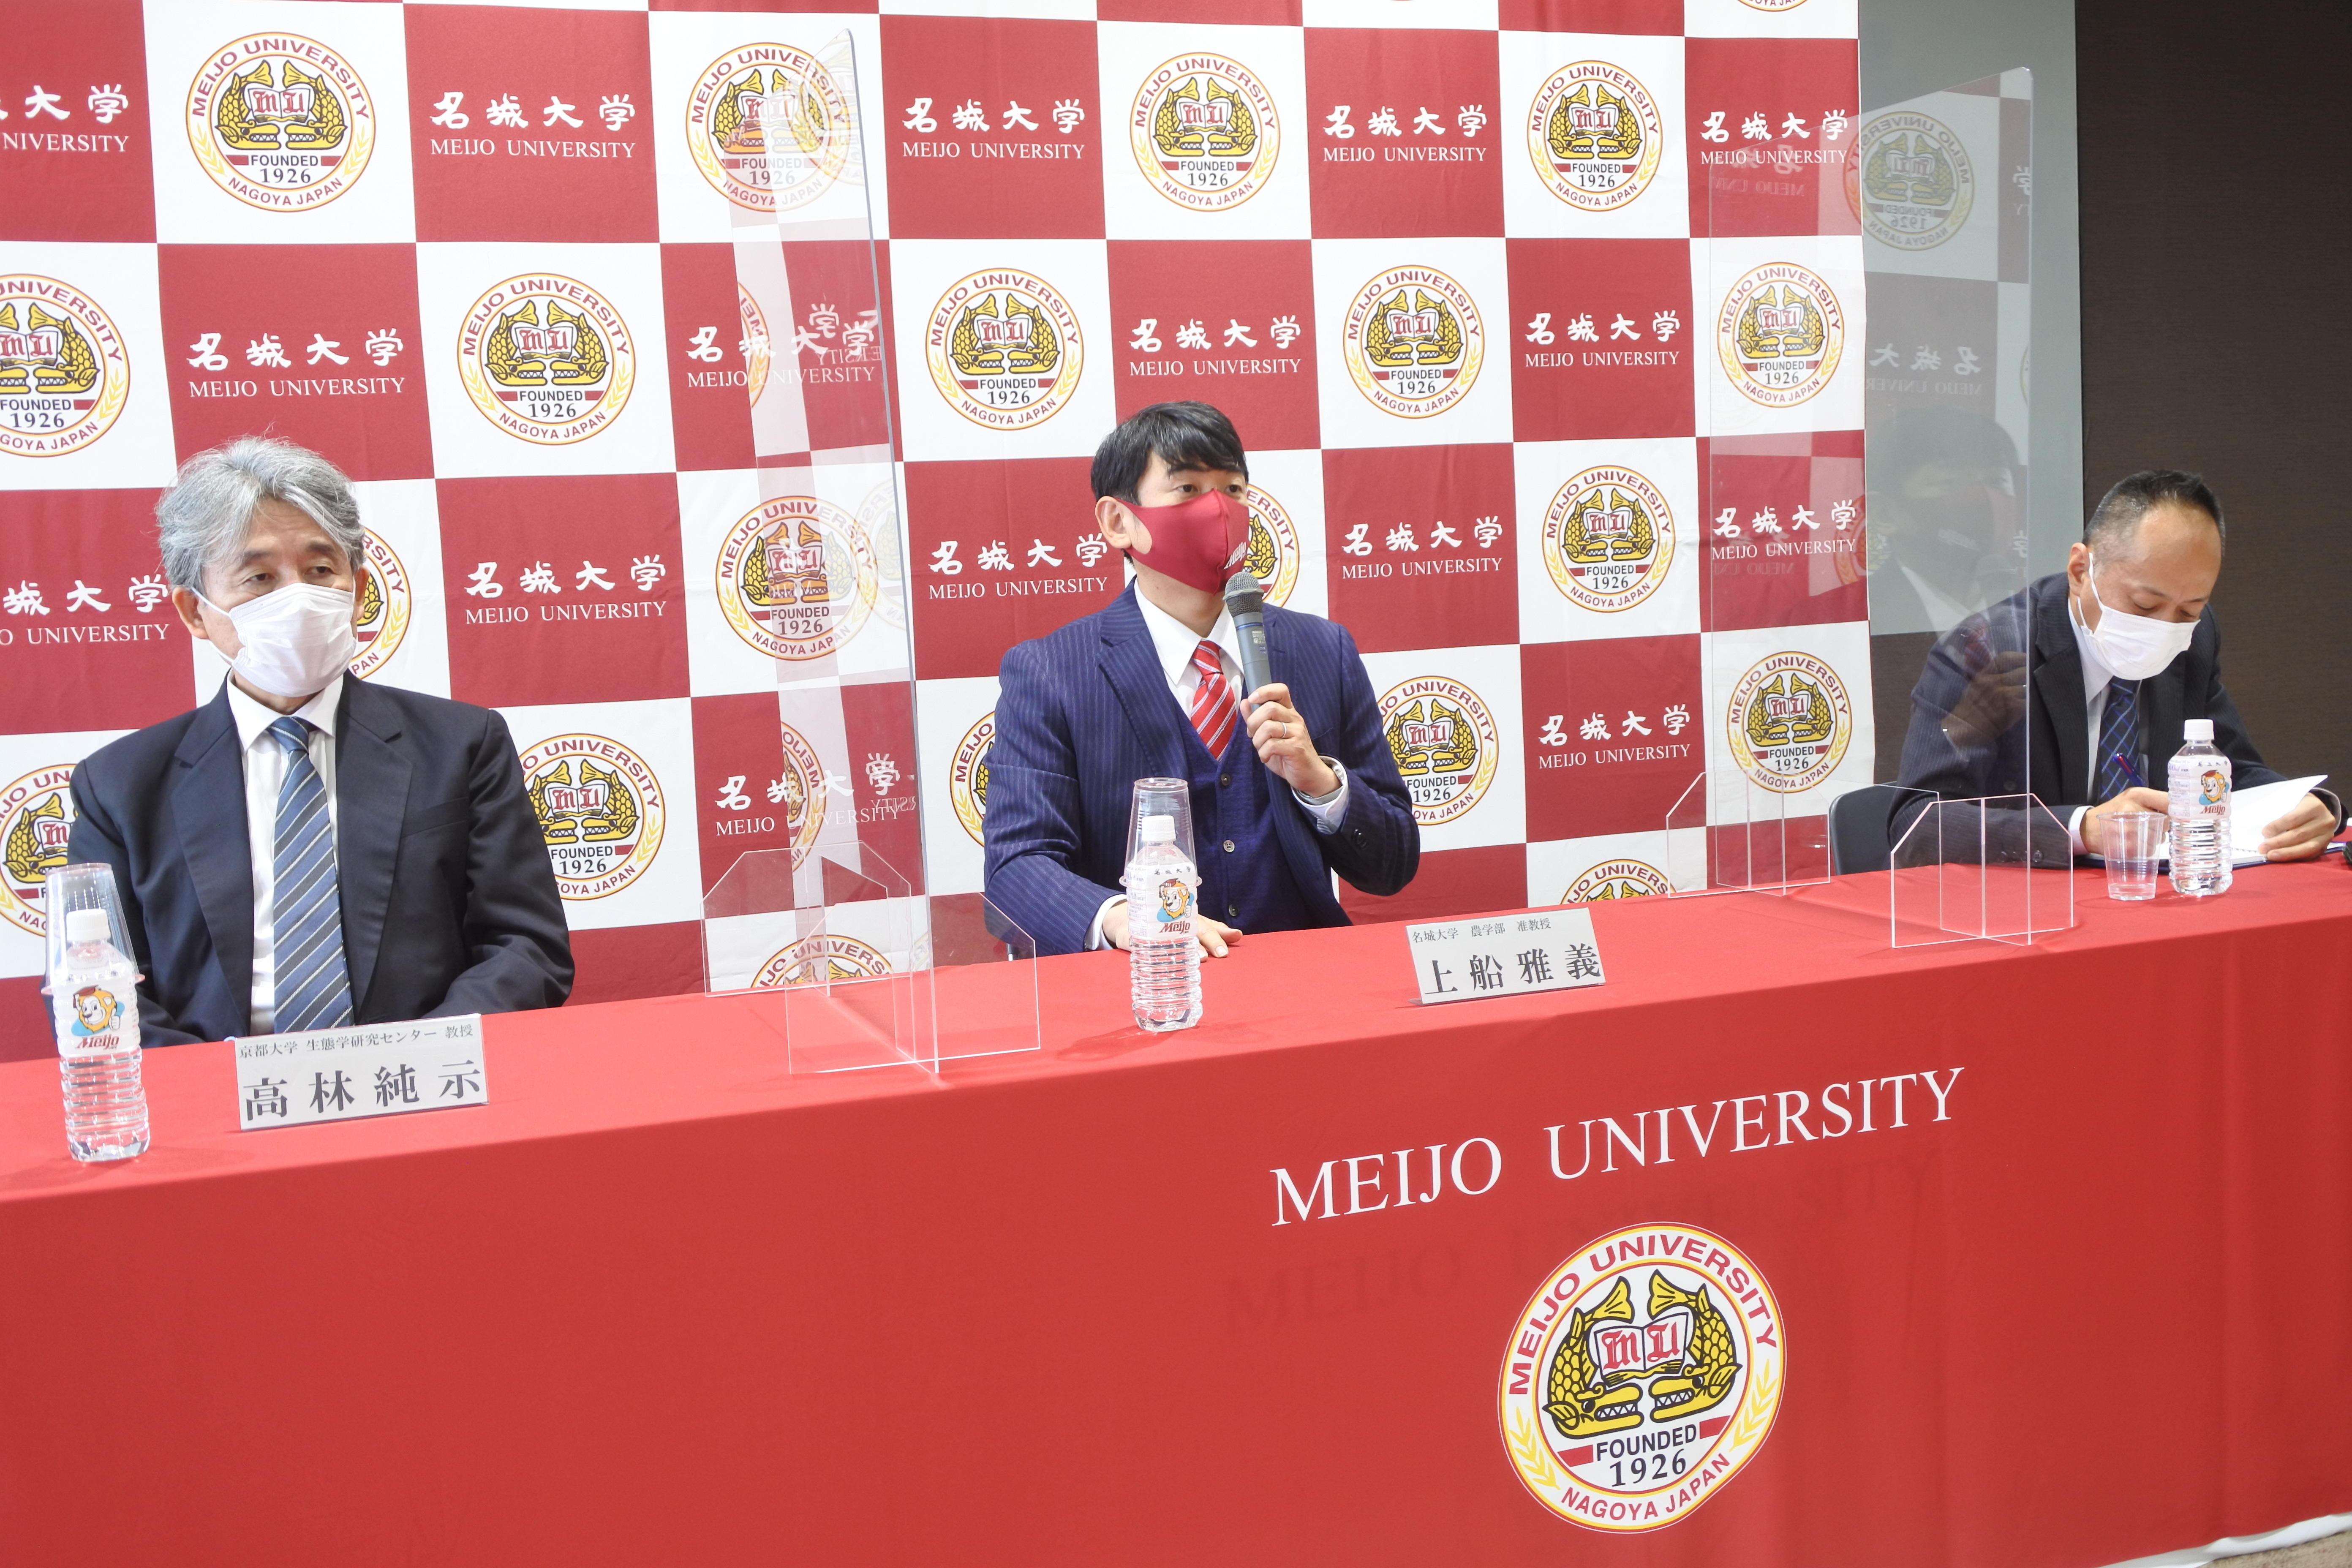 記者会見した(左から)高林純示教授、上船雅義准教授、安部順一朗上級研究員